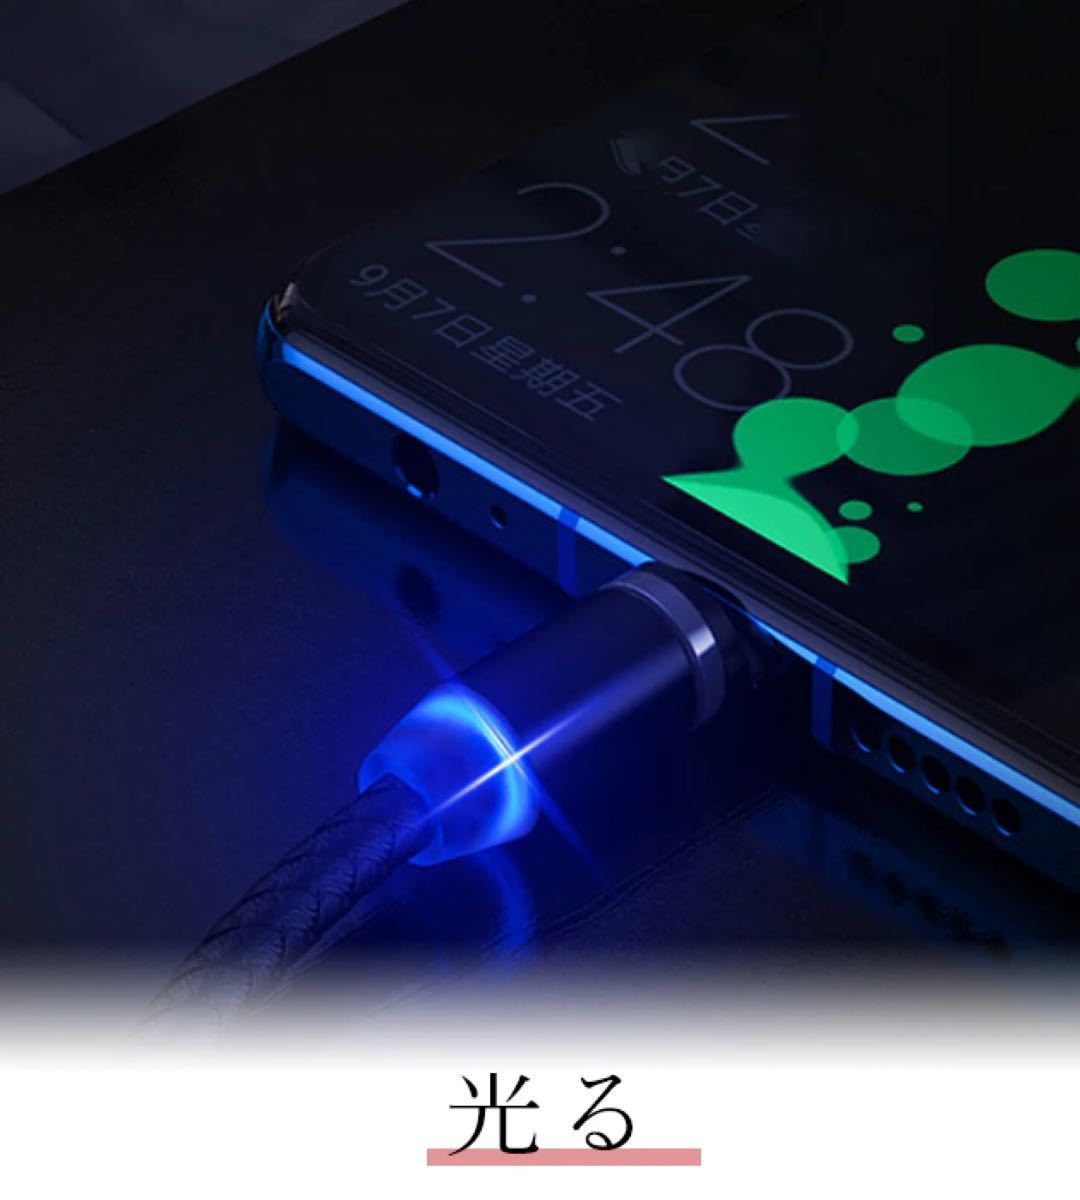 マグネット充電ケーブル 1M*3本+端子6個(iPhone*2Android *2TYPE-C*2)急速充電 磁石式 ケーブル